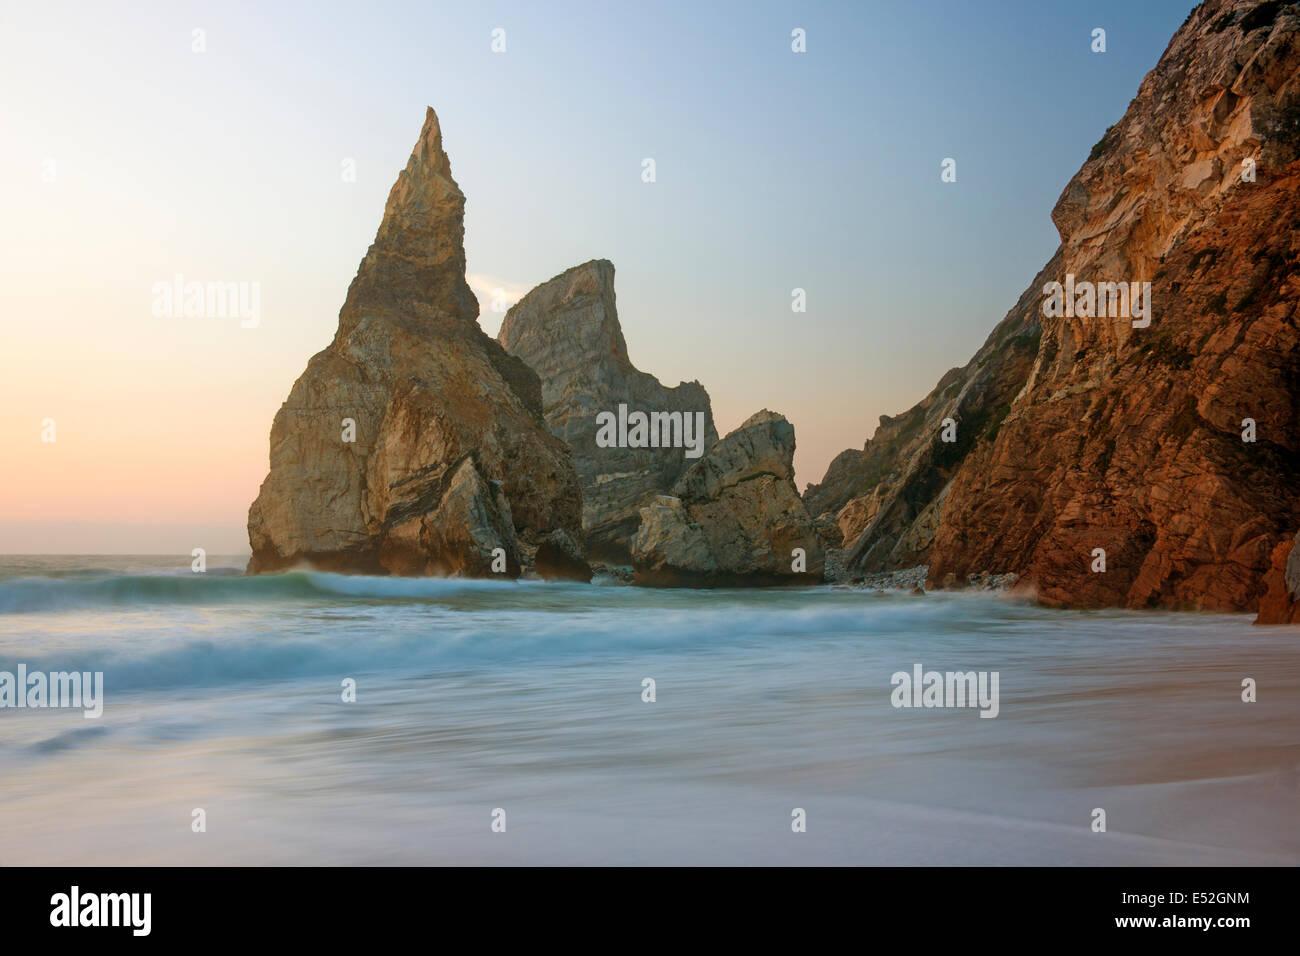 Ursa Beach sur la côte atlantique a des formations rocheuses appelées le géant et l'ours. Photo Stock